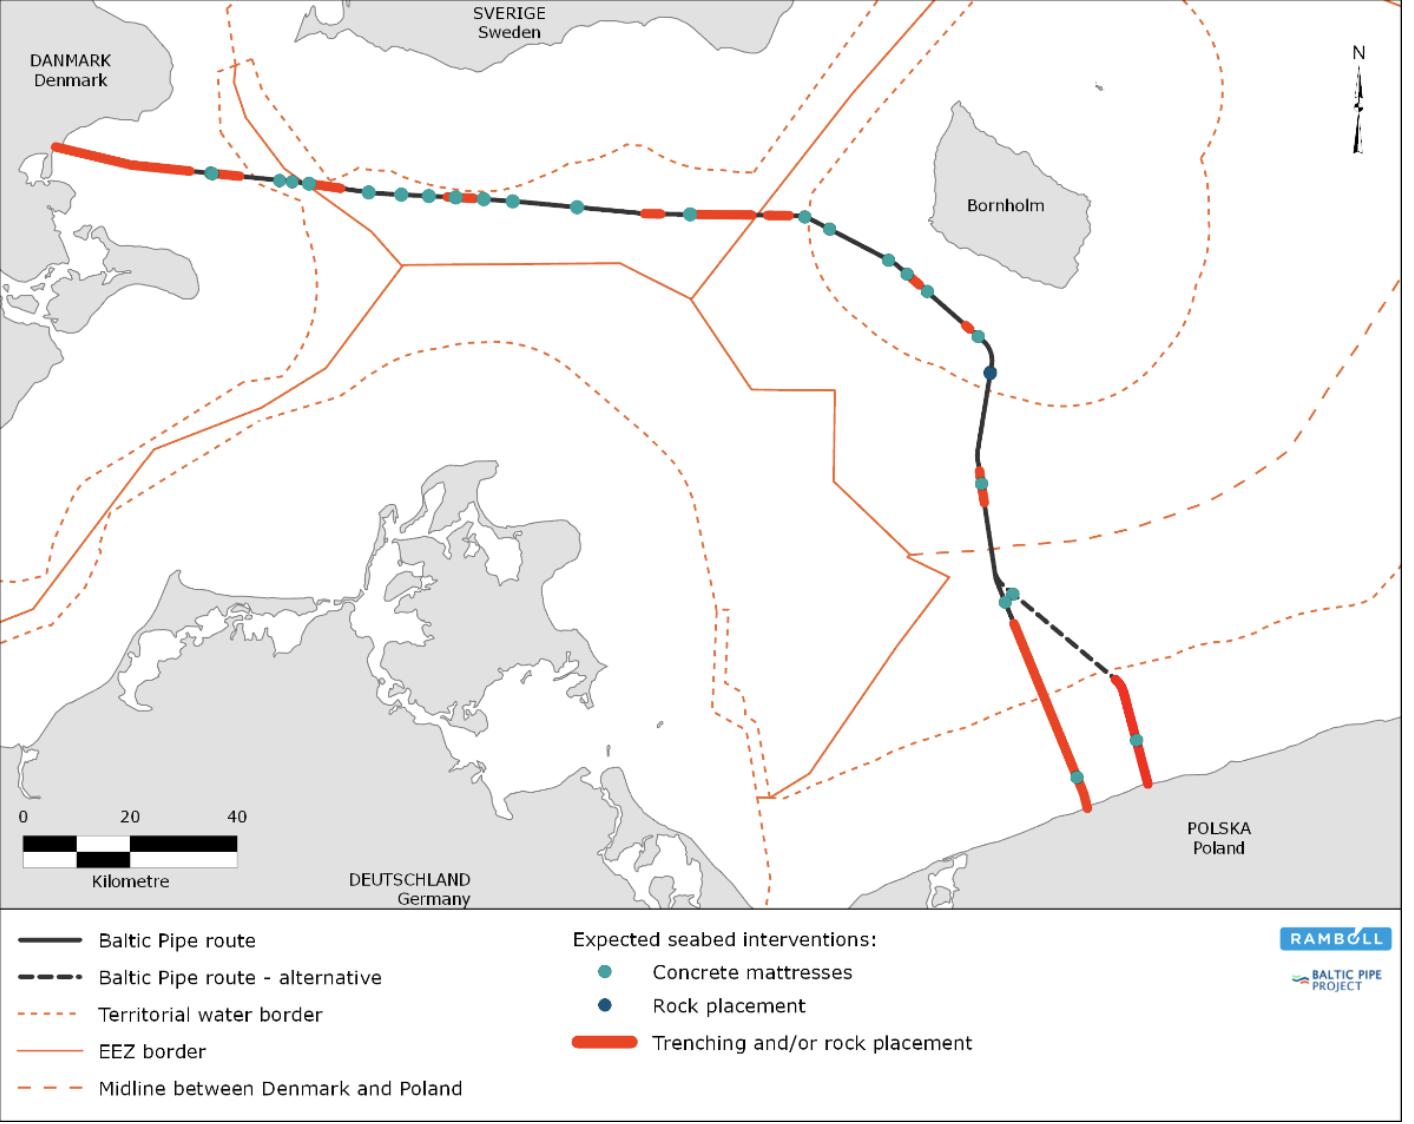 Niebieskie punkty na trasie Baltic Pipe oznaczają instalację materacy, czerwone linie oznaczają konieczność wkopania rurociągu, bądź zwałowania materiału skalnego.